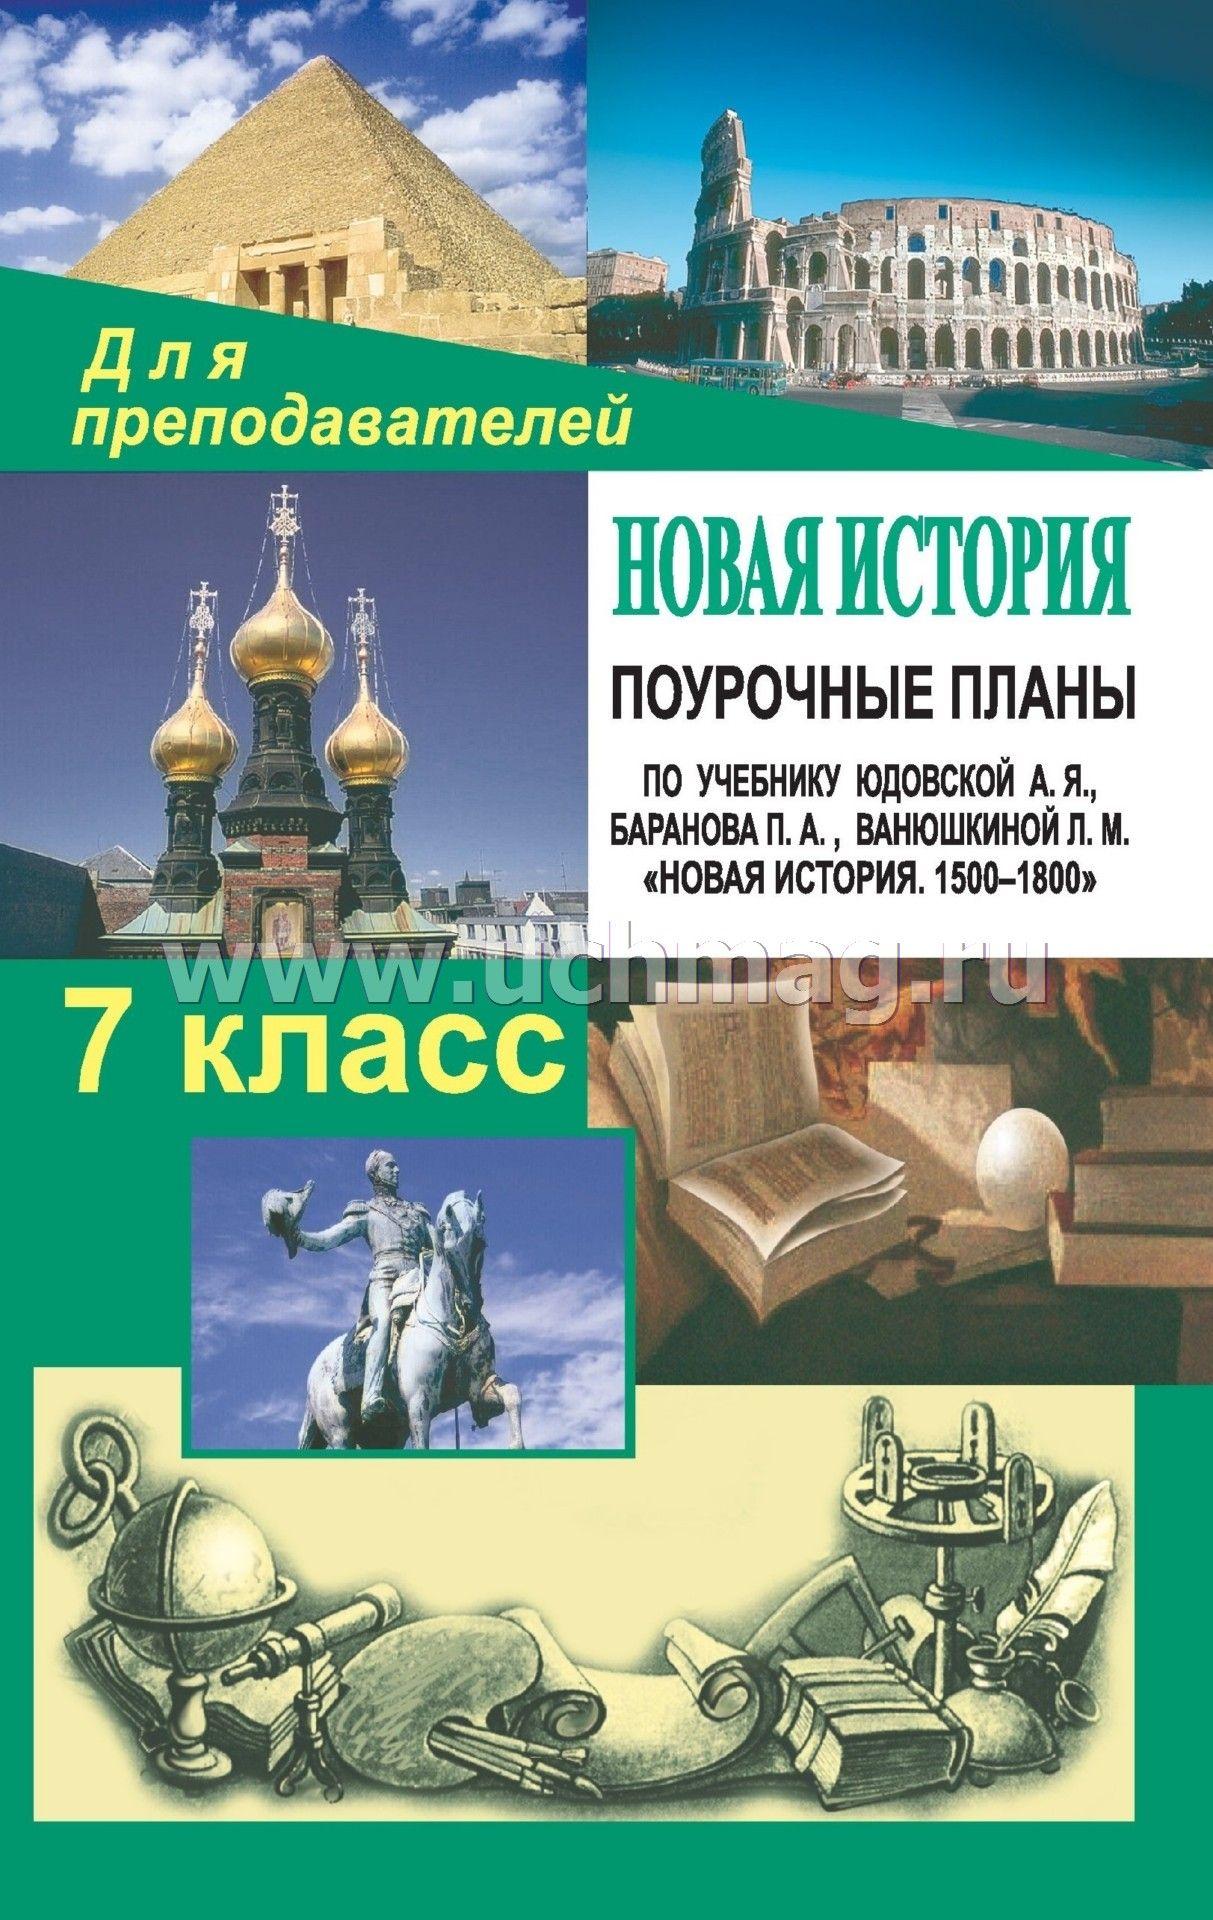 Учебник истории 7 класс авторы а.я.юдовская читать онлайн